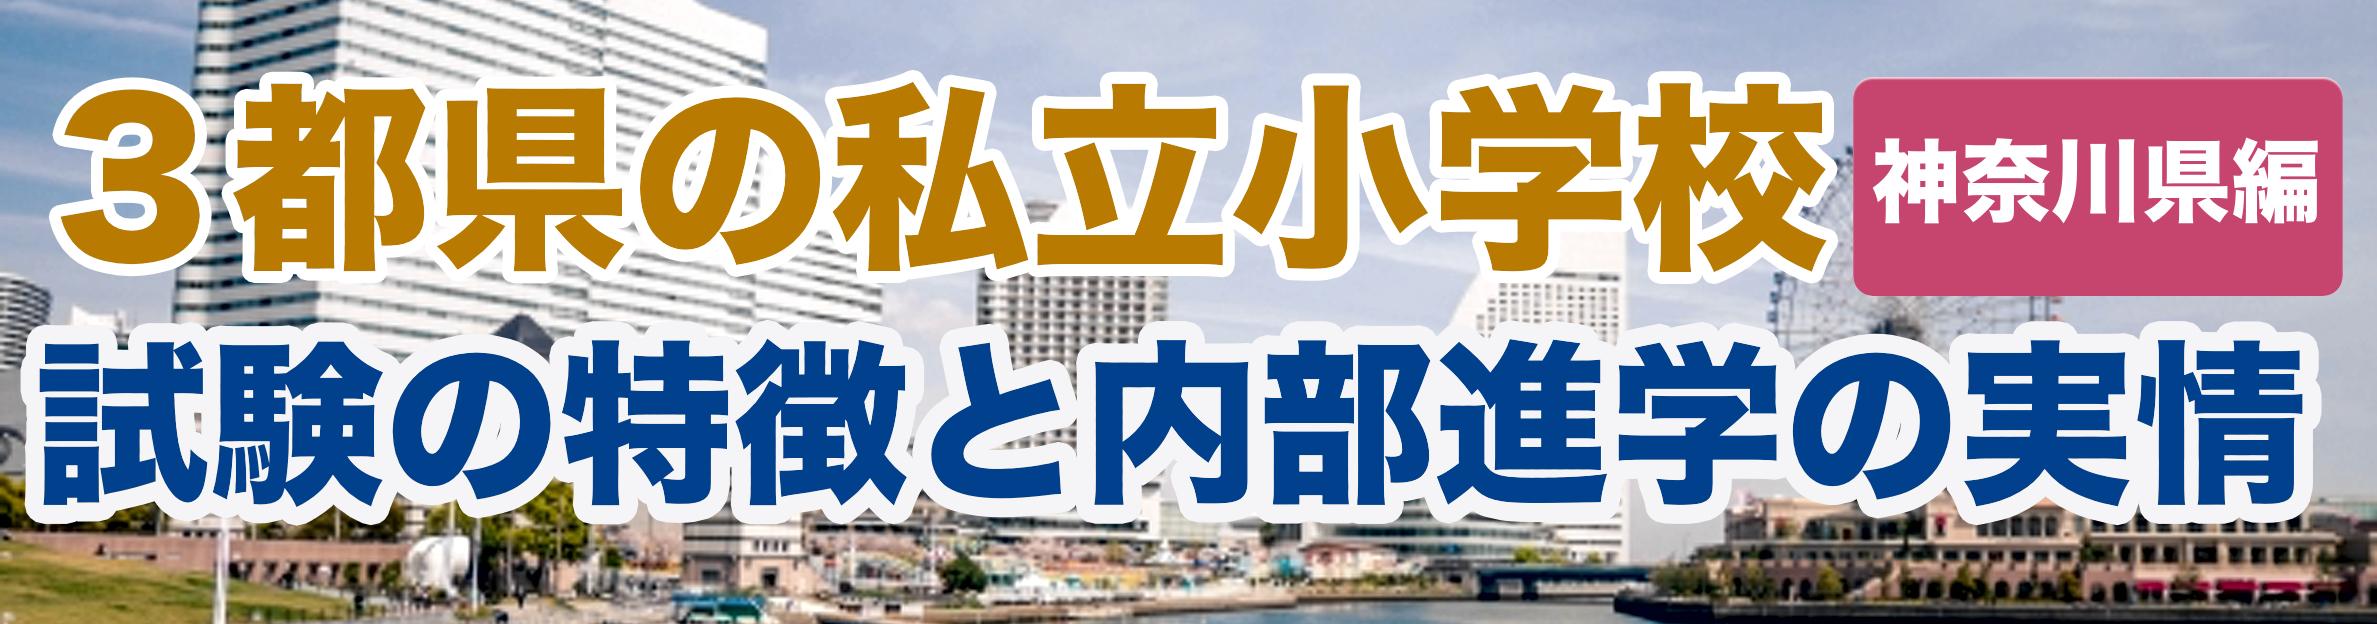 バナー 神奈川県特徴(ブログ用)